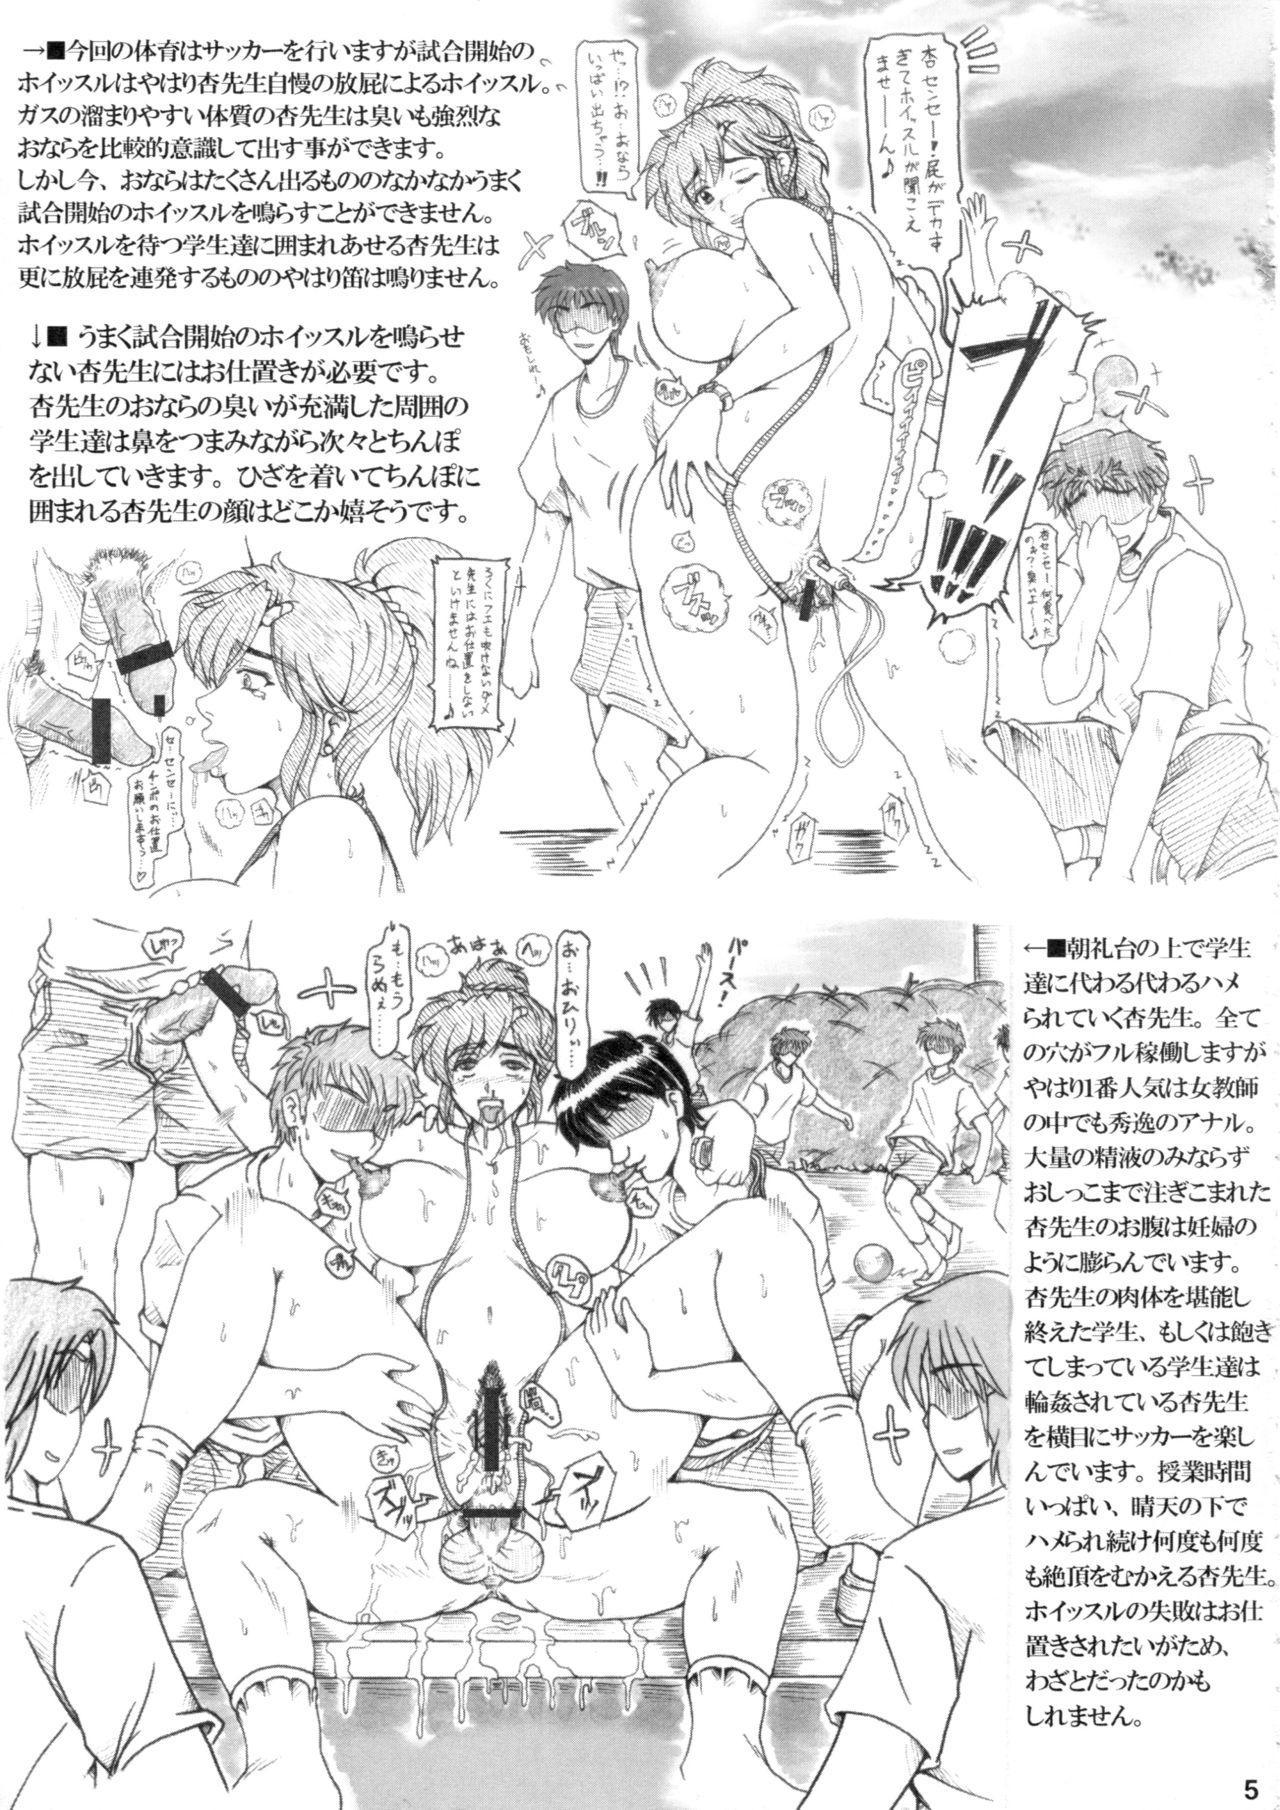 Onna Kyoushi-gun Ryoujoku Enchitai III season 3